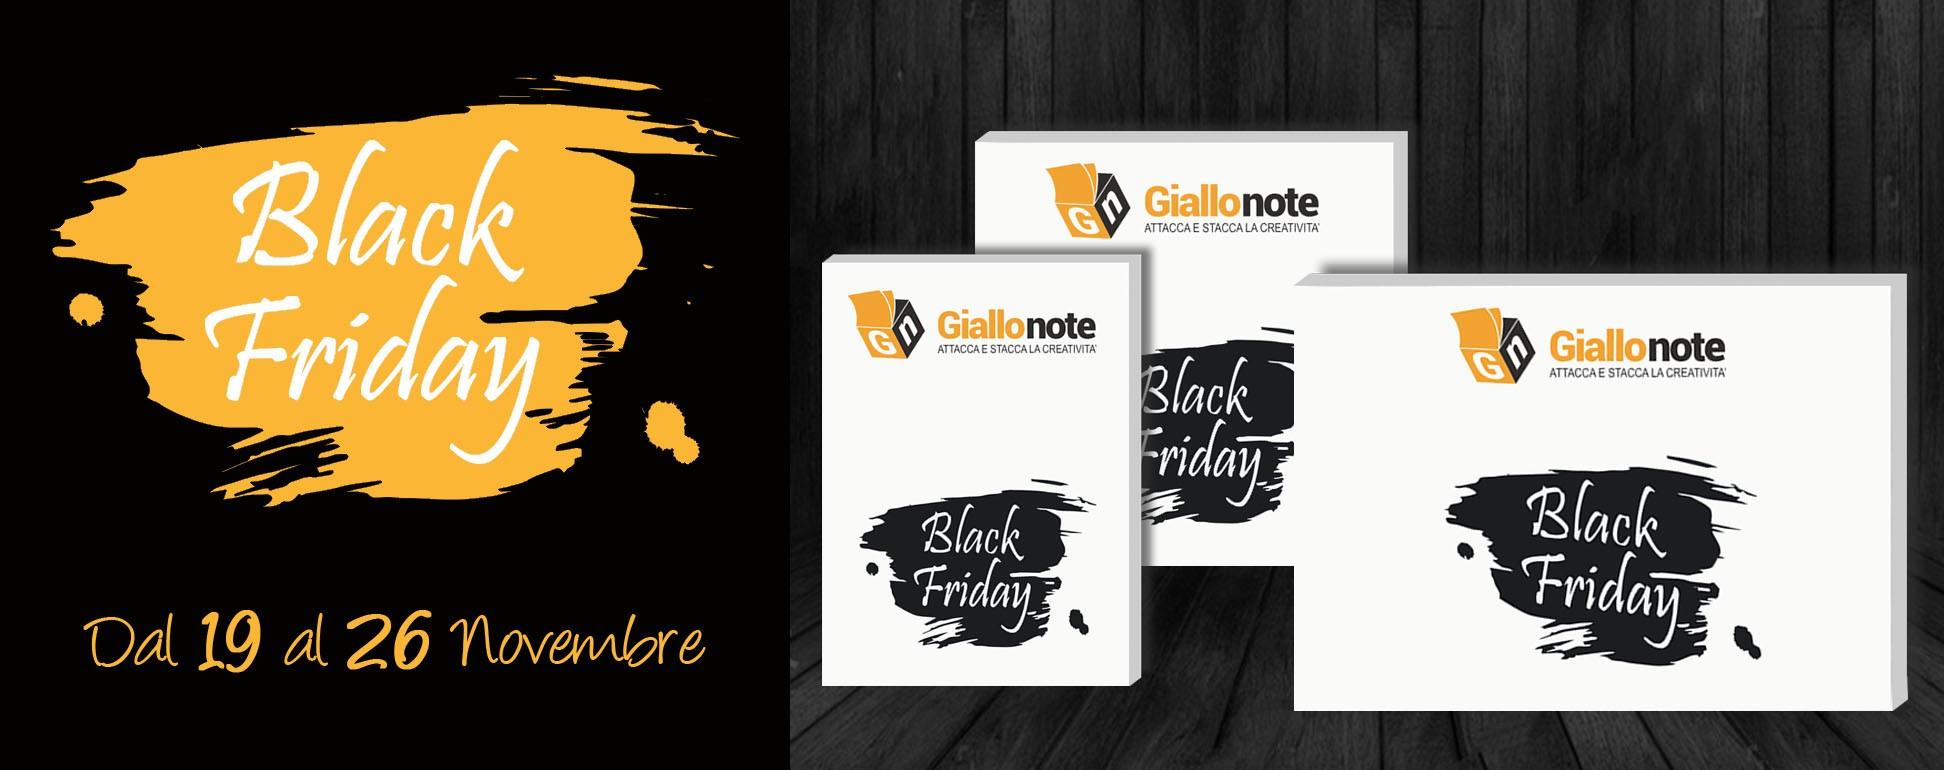 La settimana del Black Friday su Giallonote